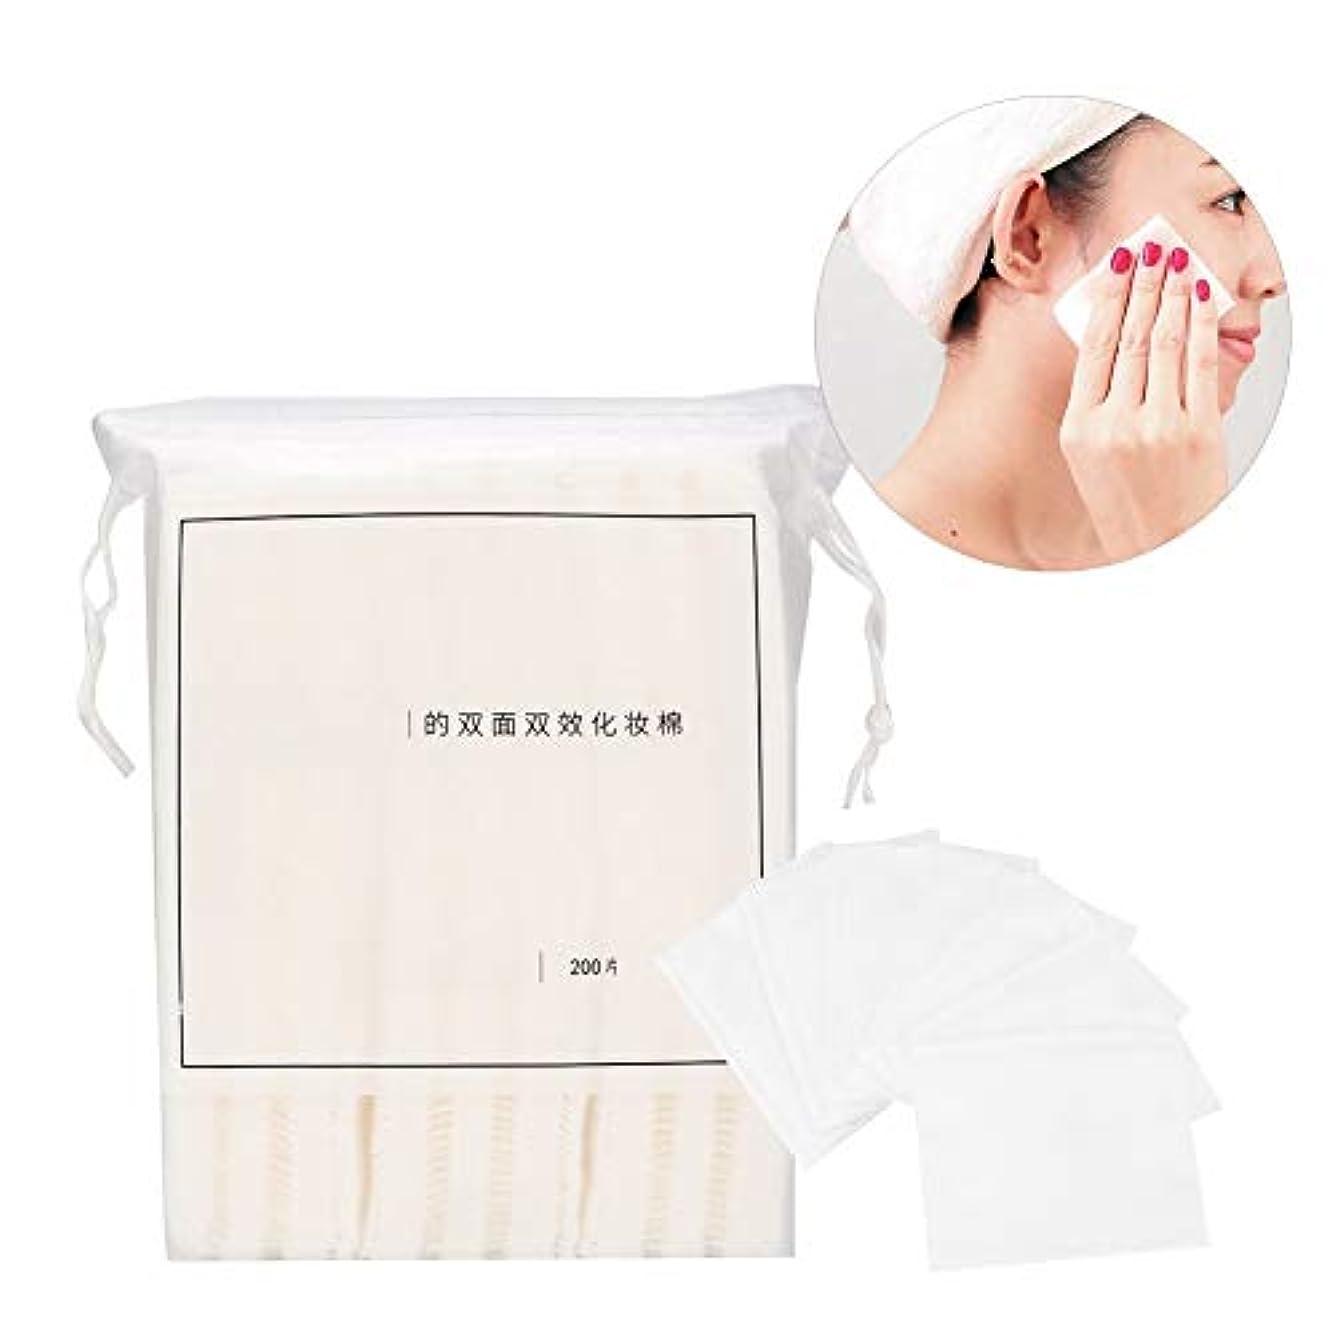 パーティション不十分な対200個の化粧落としパッド、肌の角質除去とネイルケアのための両面と乾式の湿式デュアルユースコットンパッド、やわらかい涙抵抗の保水化粧品用綿(2)